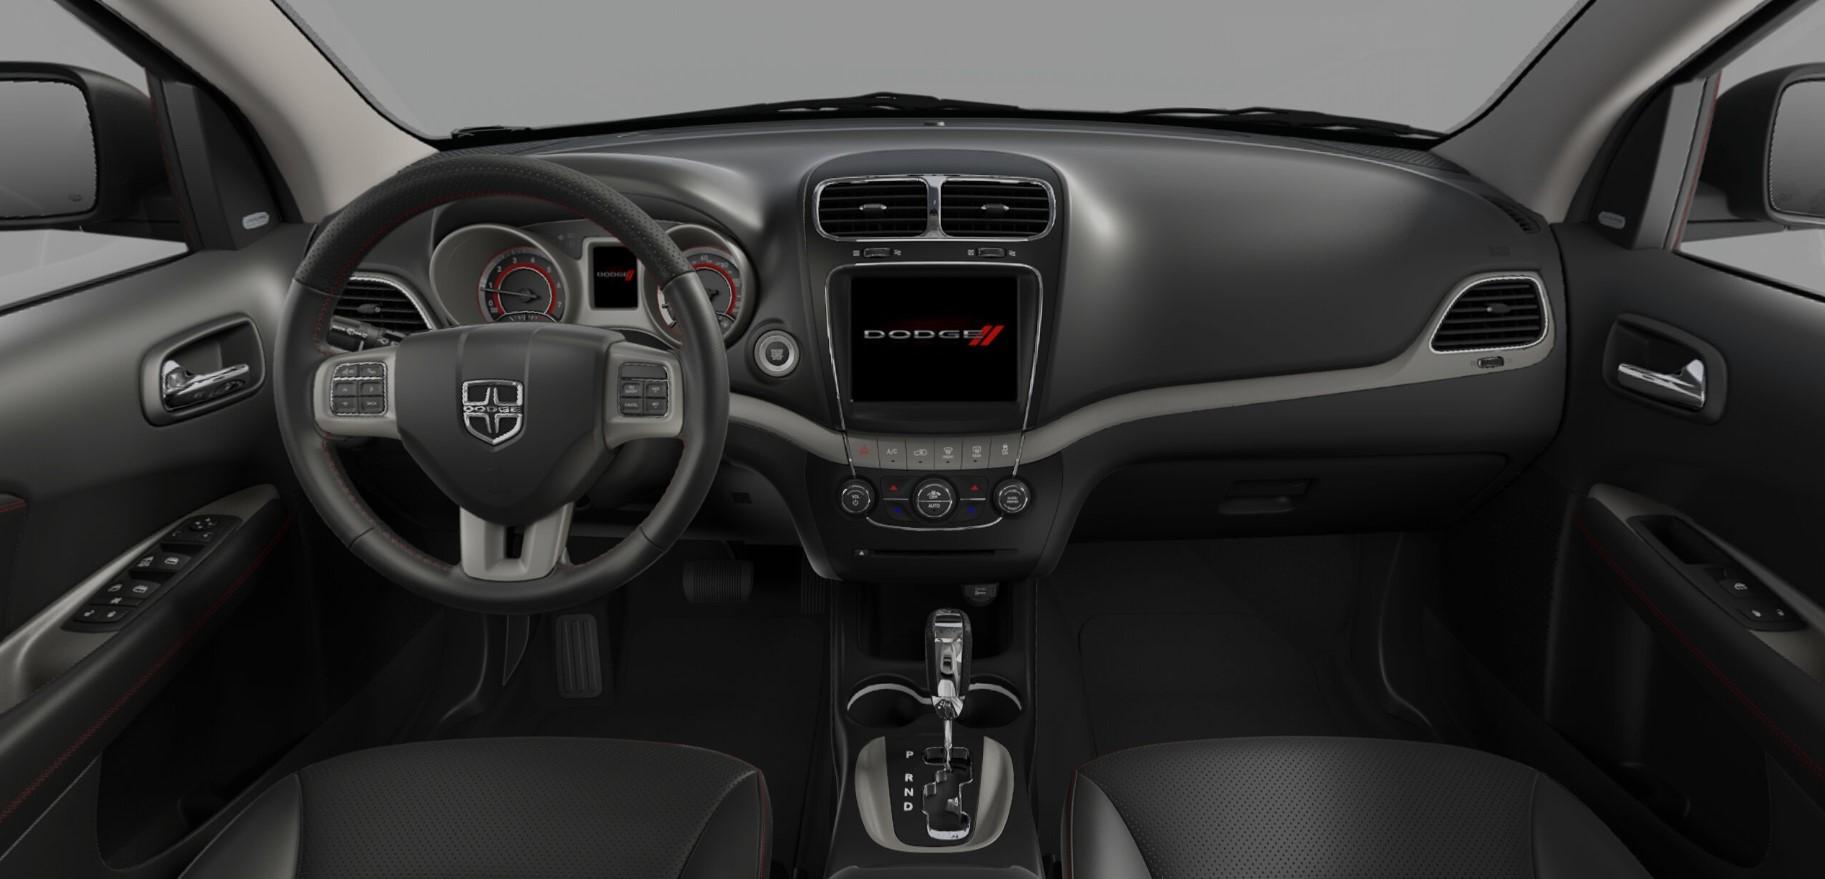 2018 Dodge Journey Gt Elko Chrysler Dodge Jeep Ram Elko